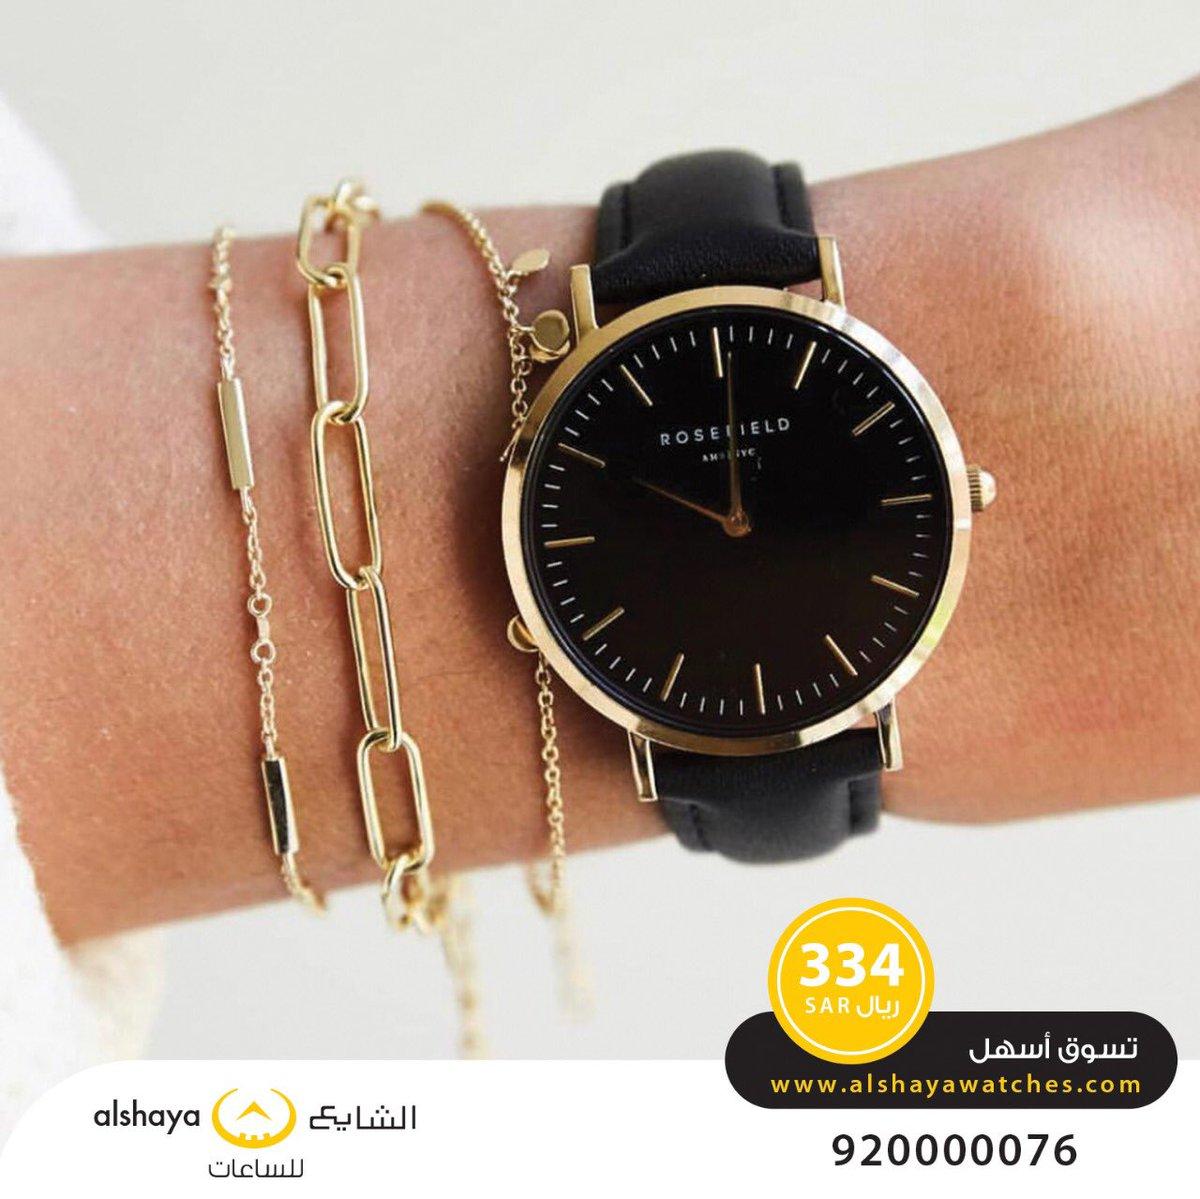 83fdc1648 اصنعي ليومك #تجربة مختلفة مع ساعة من ROSE FILED و تميزي بأناقتك ، لون مميز  بتصميم متفرد، ساعة #مثالية ليوم جديد.